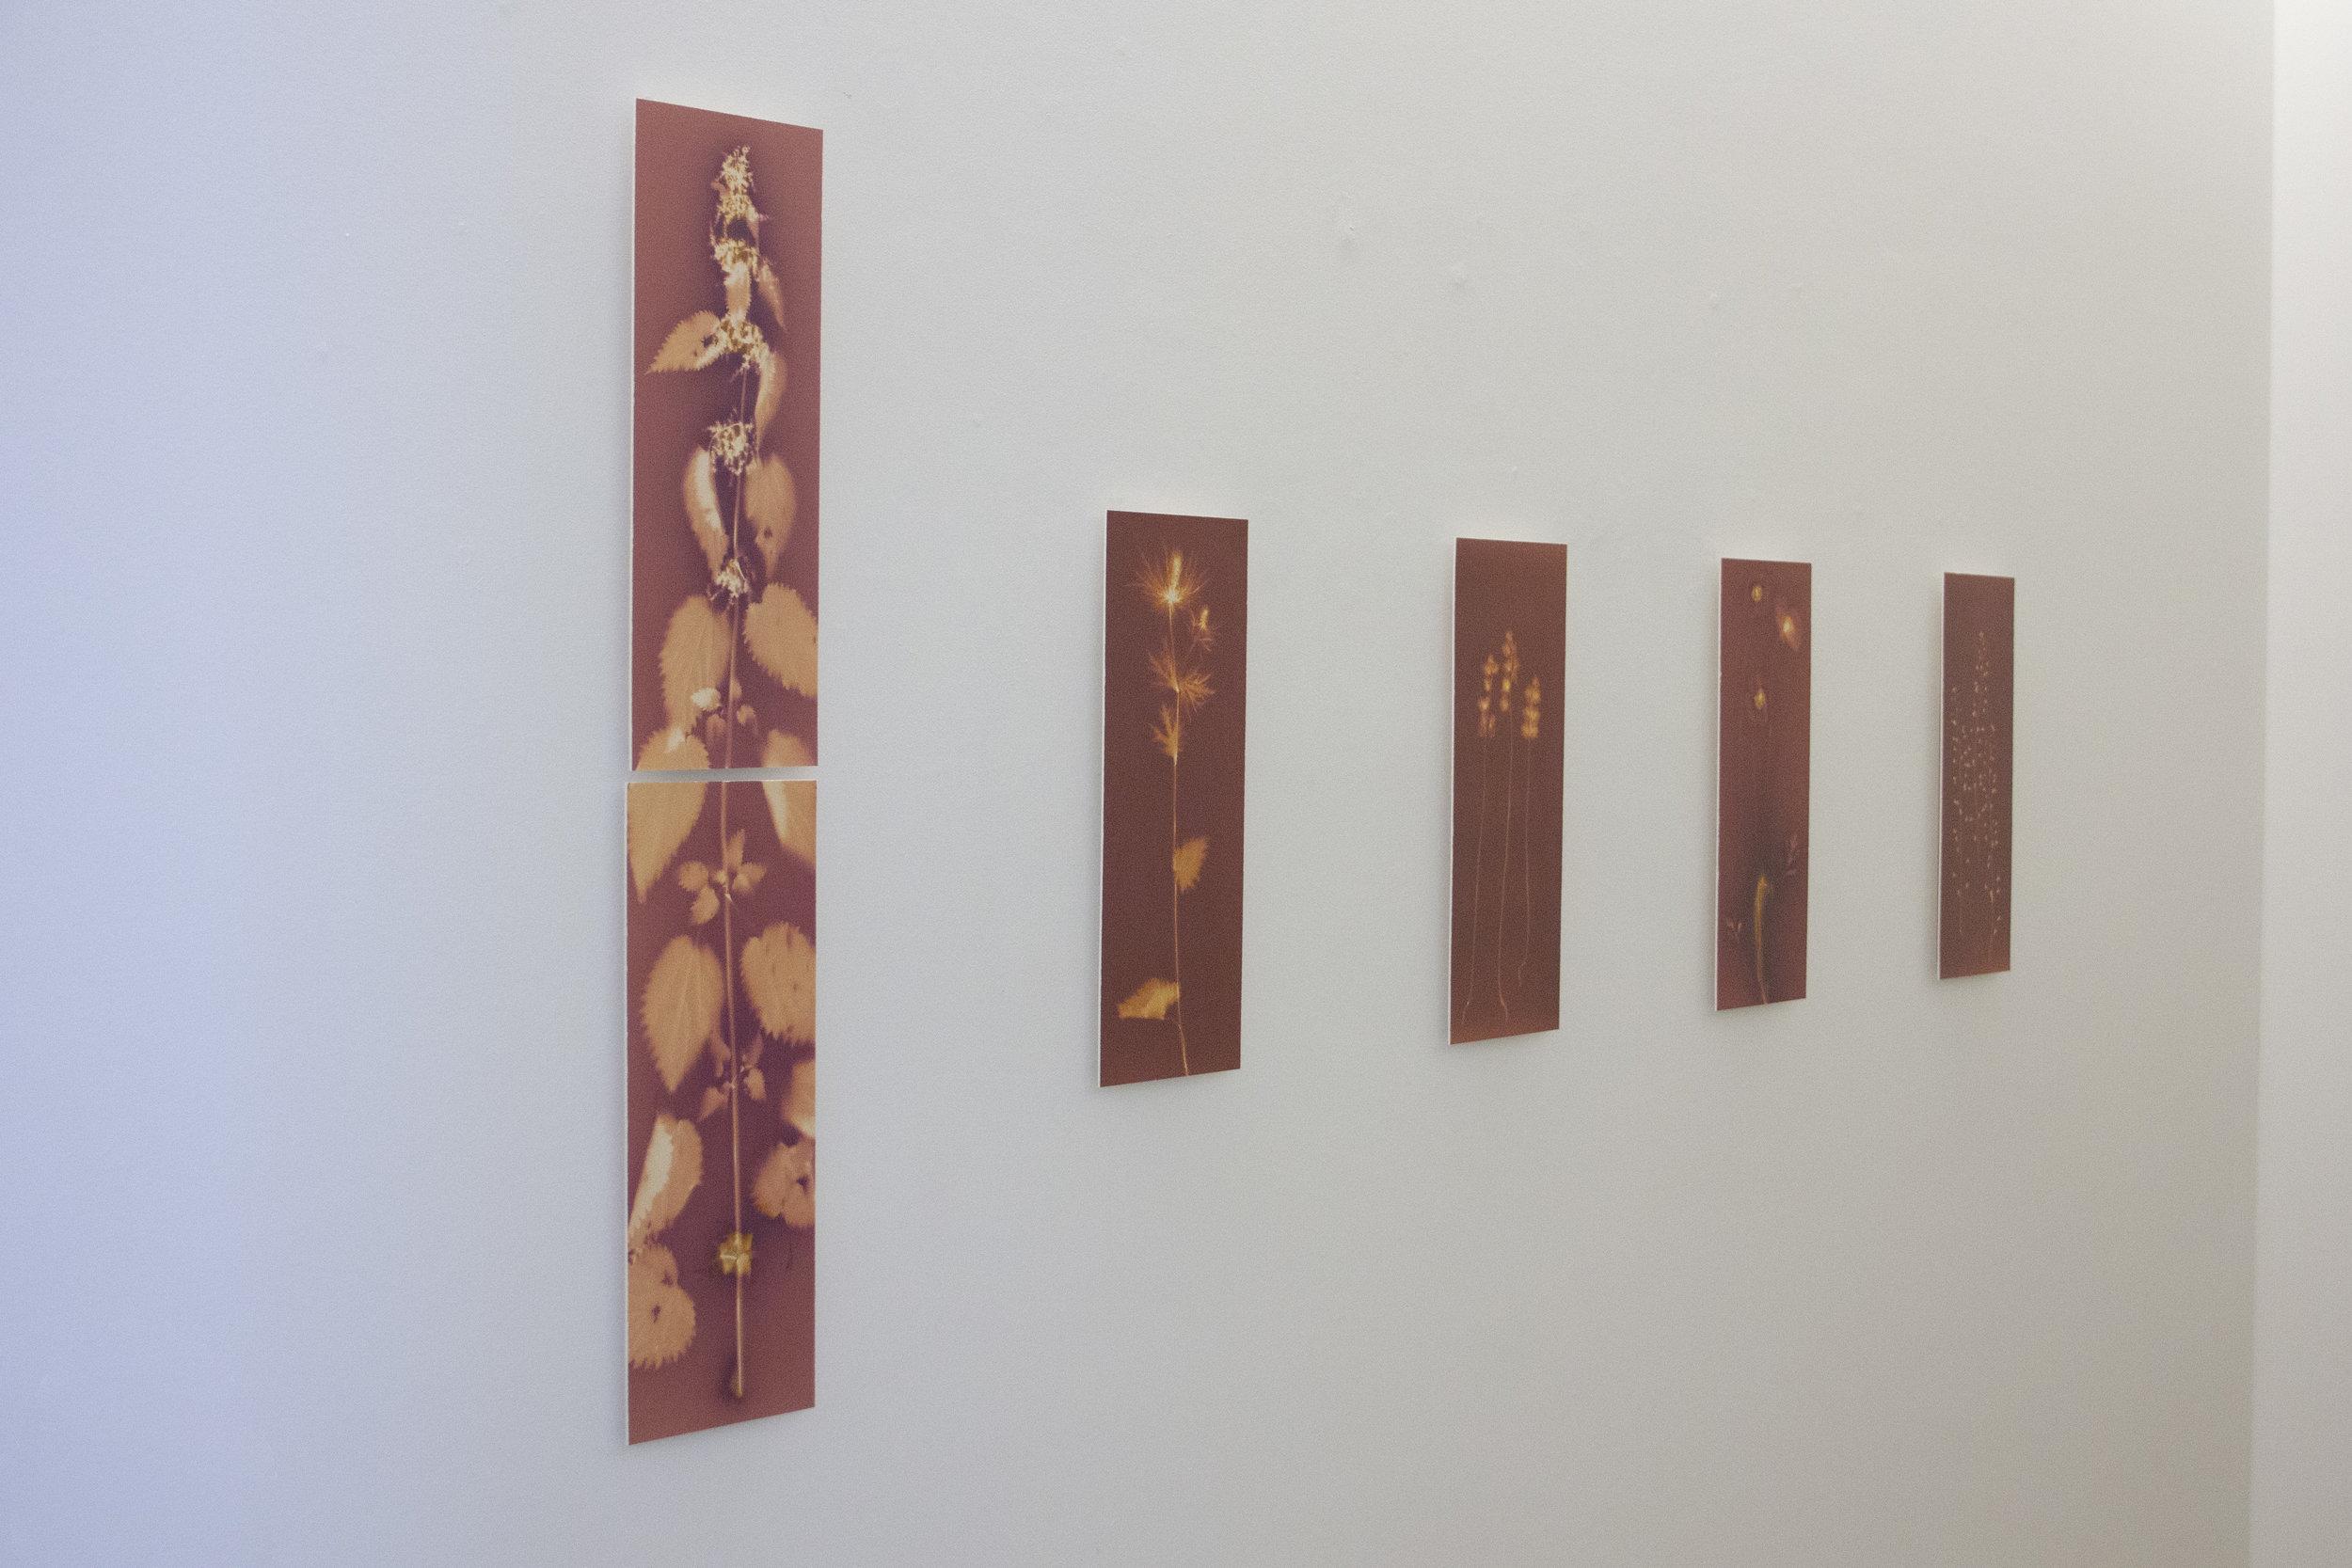 Ausstellungsansichten | Bild: Valentina De Pasquale